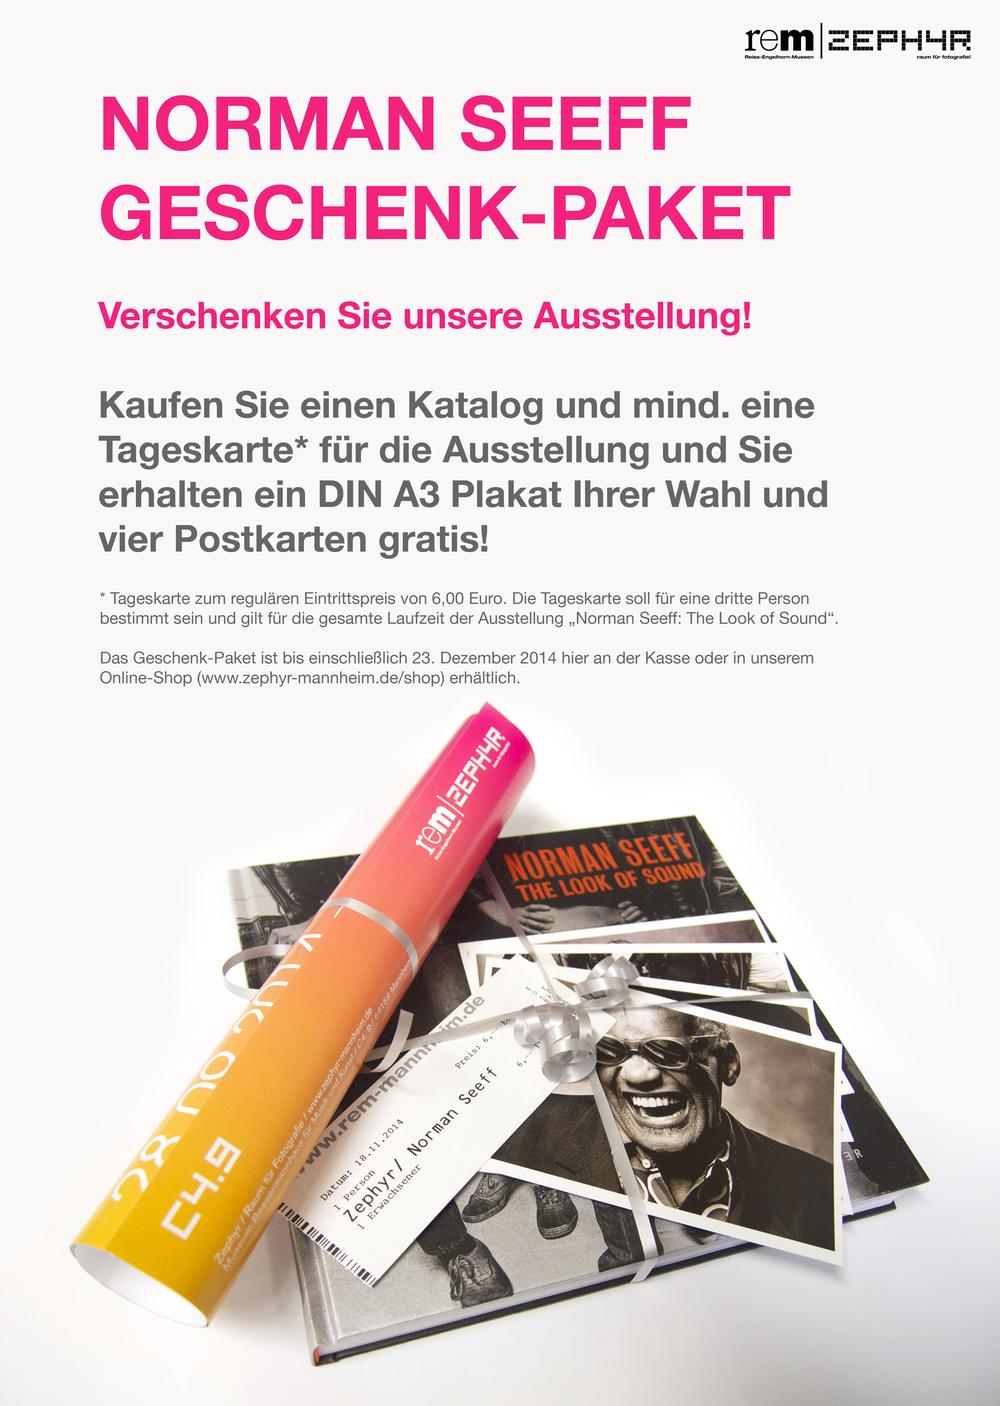 Norman Seeff: The Look Of Sound Geschenkpaket (Ausstellungskatalog, Plakat, Postkarten-Set, Tageskarte) ab 35,95 €